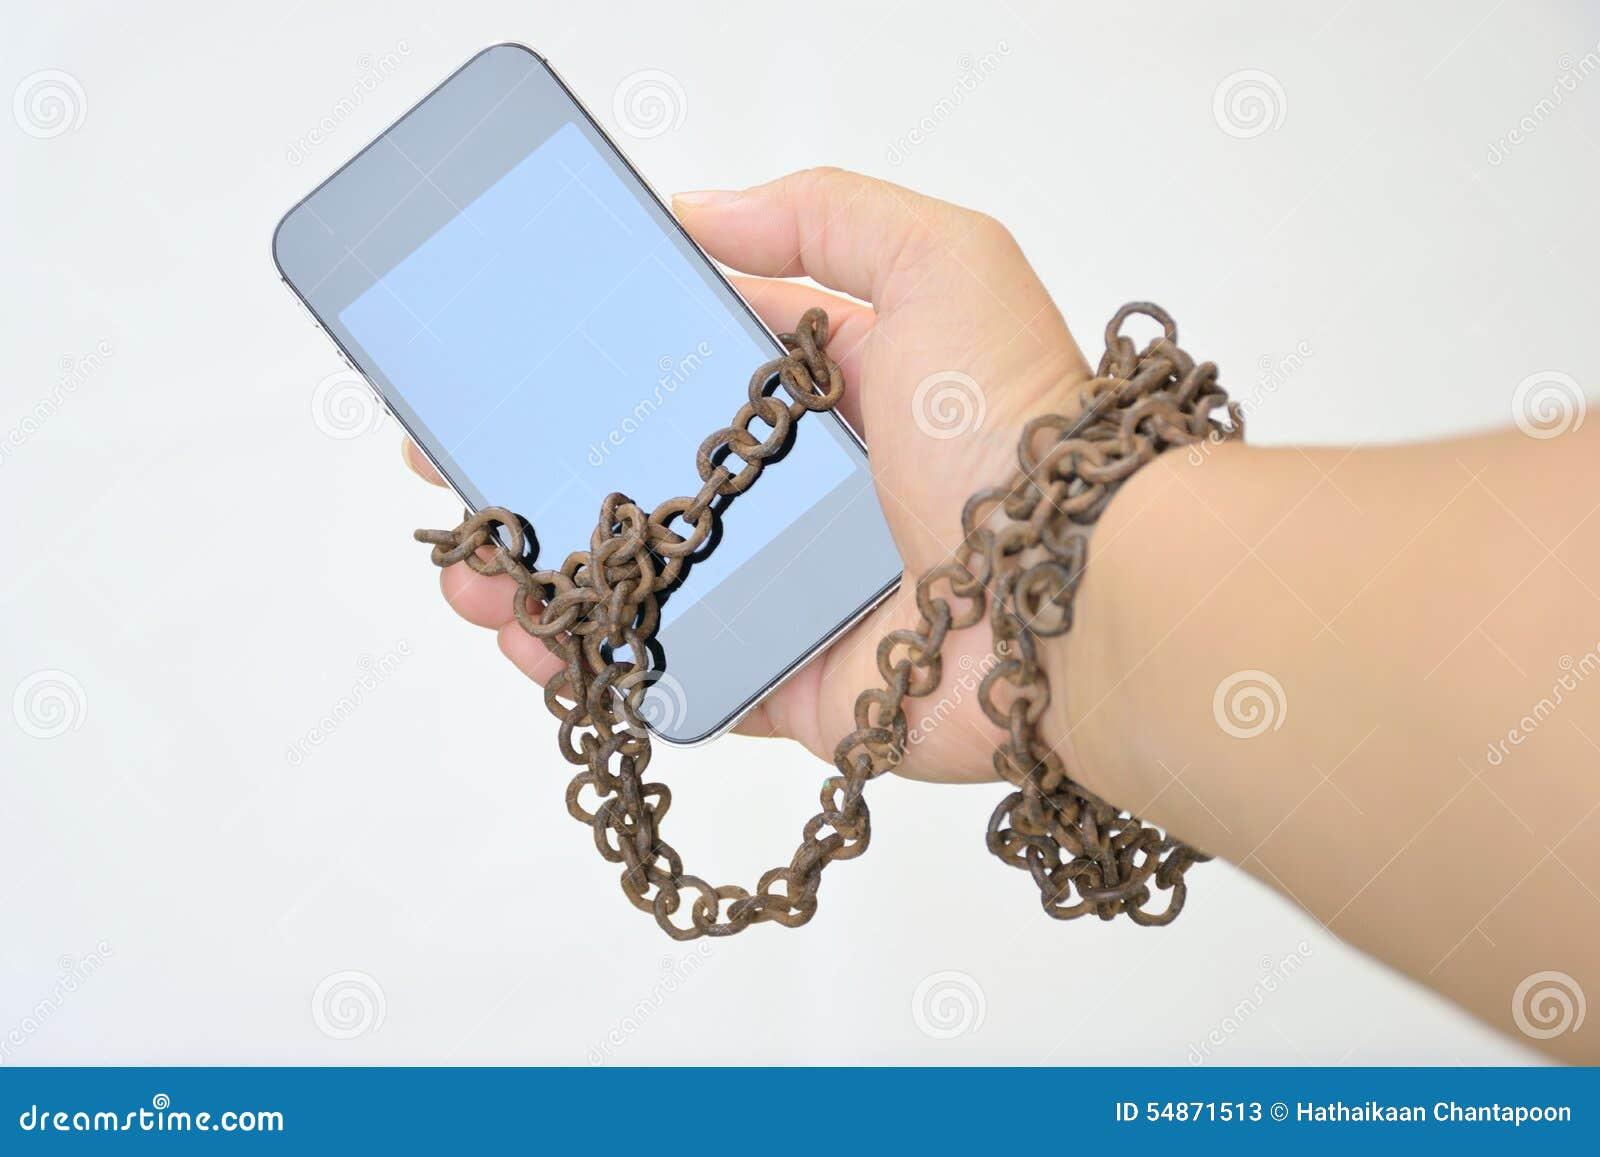 Den rostiga järnkedjan, som binder tillsammans handen, och ilar telefonen